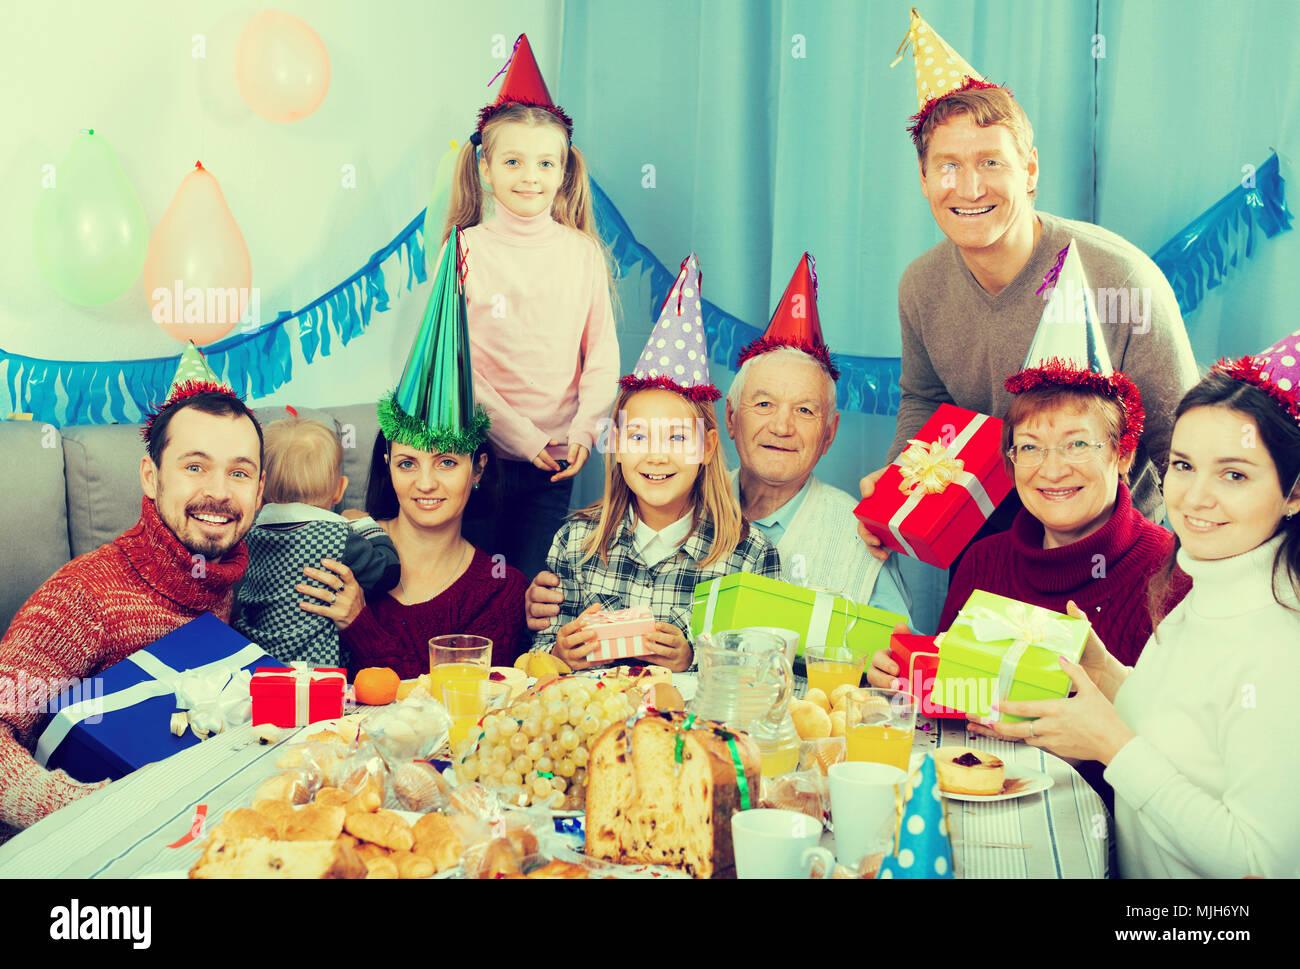 Gluckliche Familie Mitgliedern Die Feier Der Kinder Geburtstag Beim